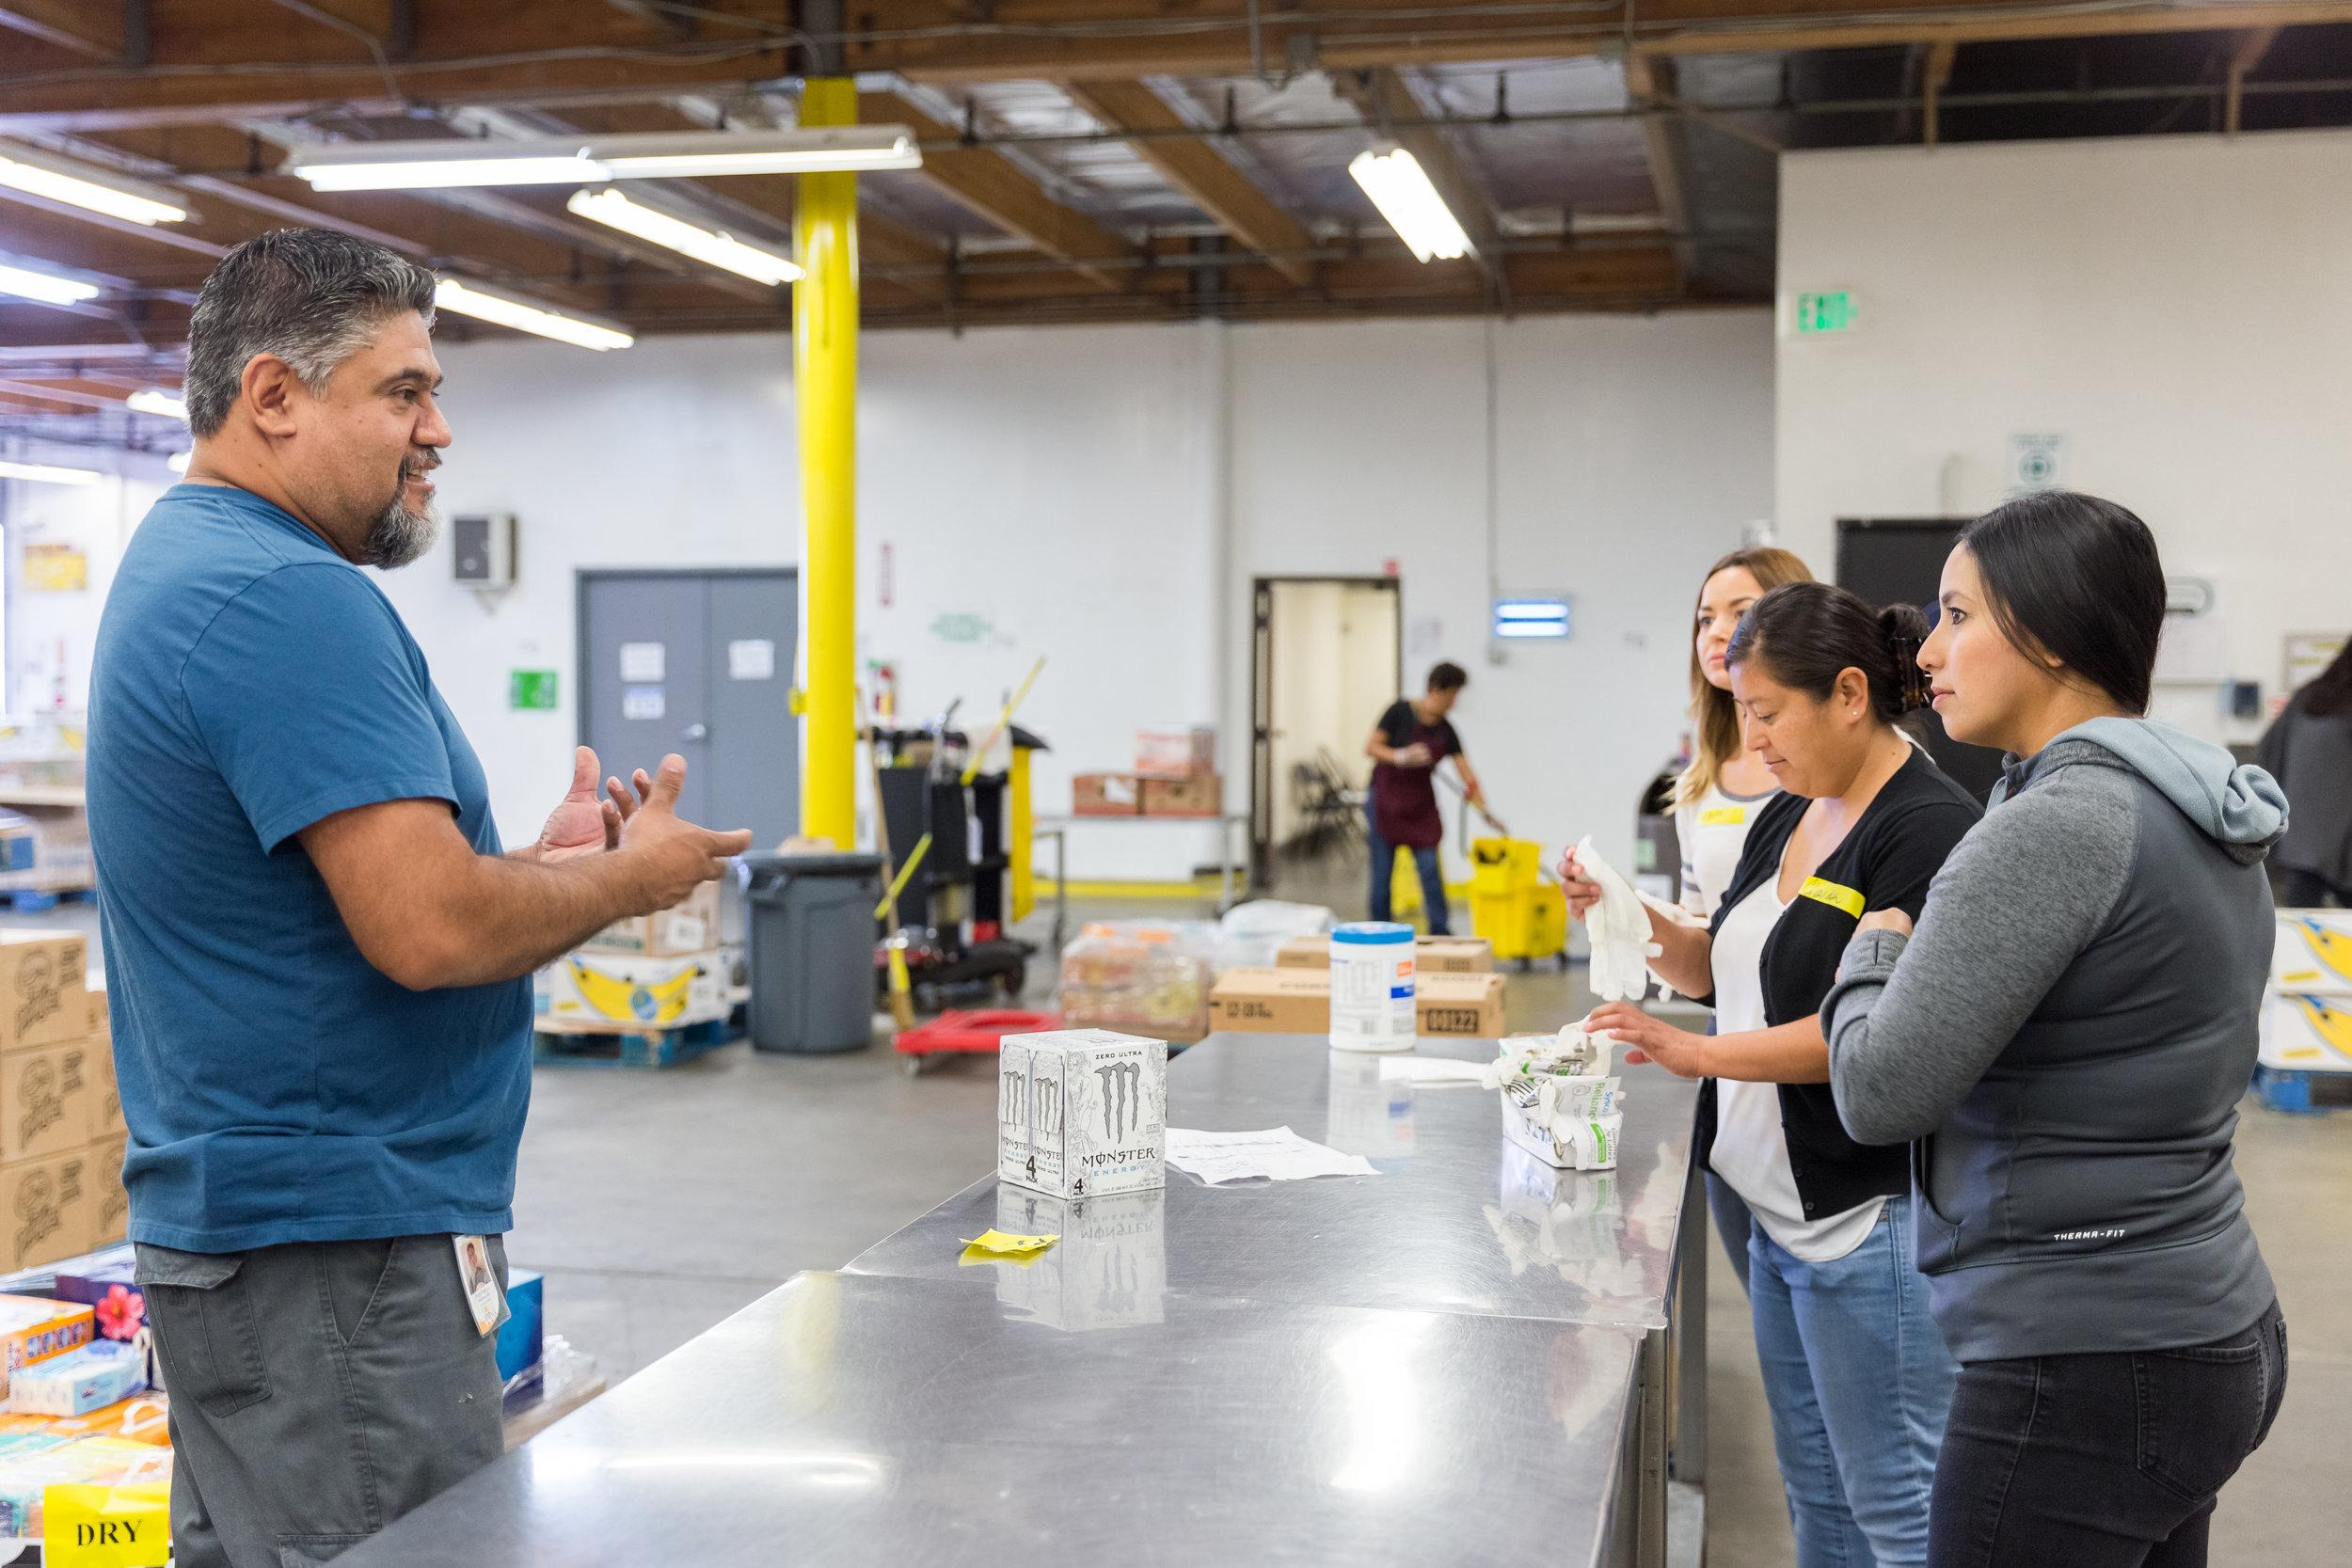 Los Angeles Regional Food Bank Volunteer Day